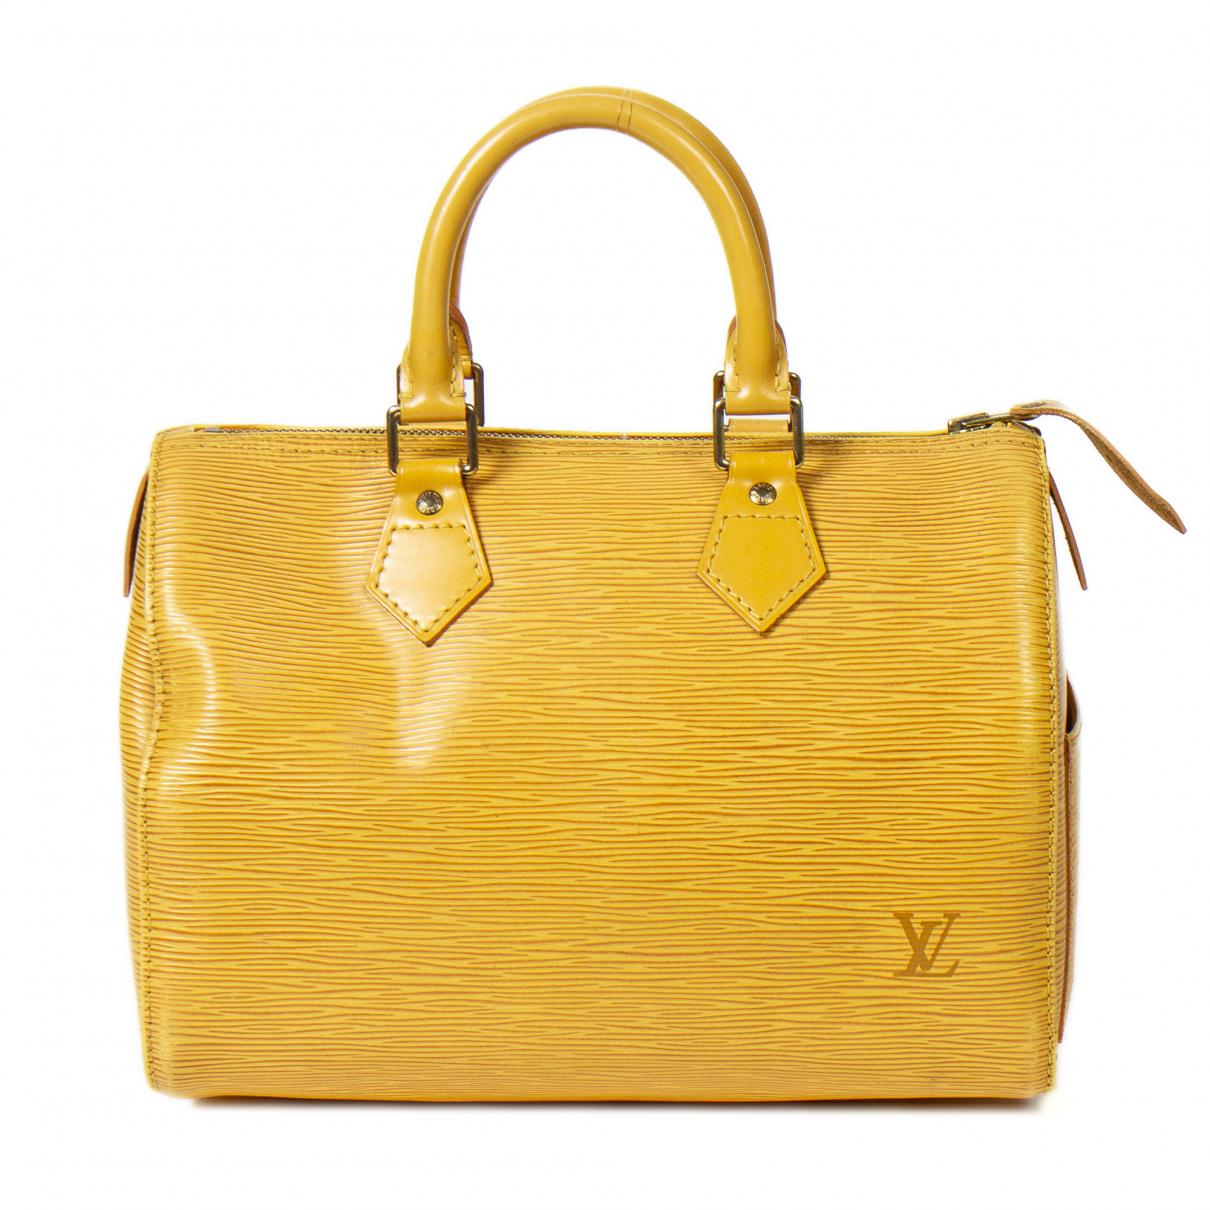 Louis Vuitton Speedy Handtasche in  Gelb Leder